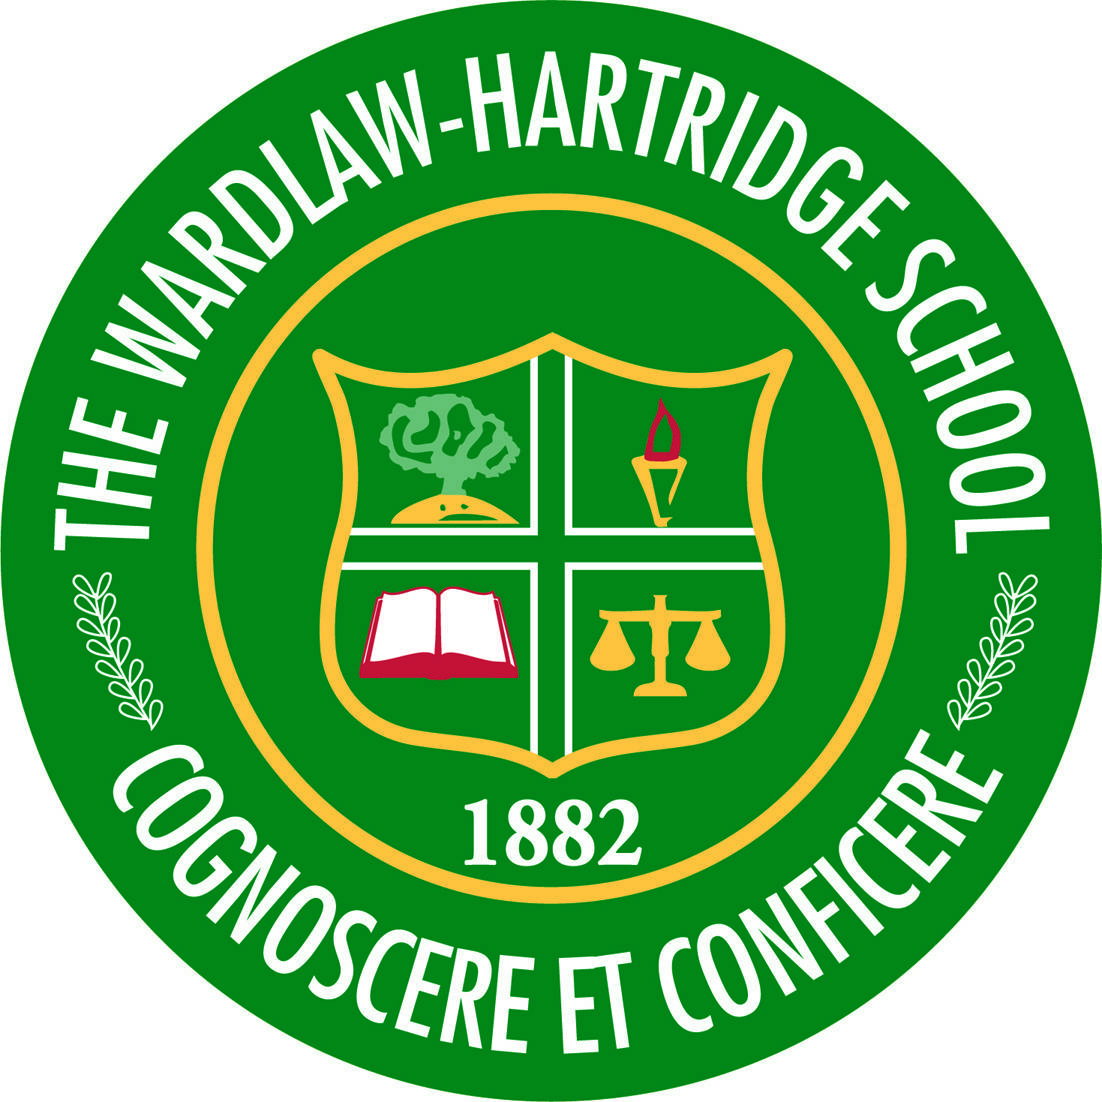 a1c761f4565da0326012_Wardlaw_Hartridge_logo.jpg